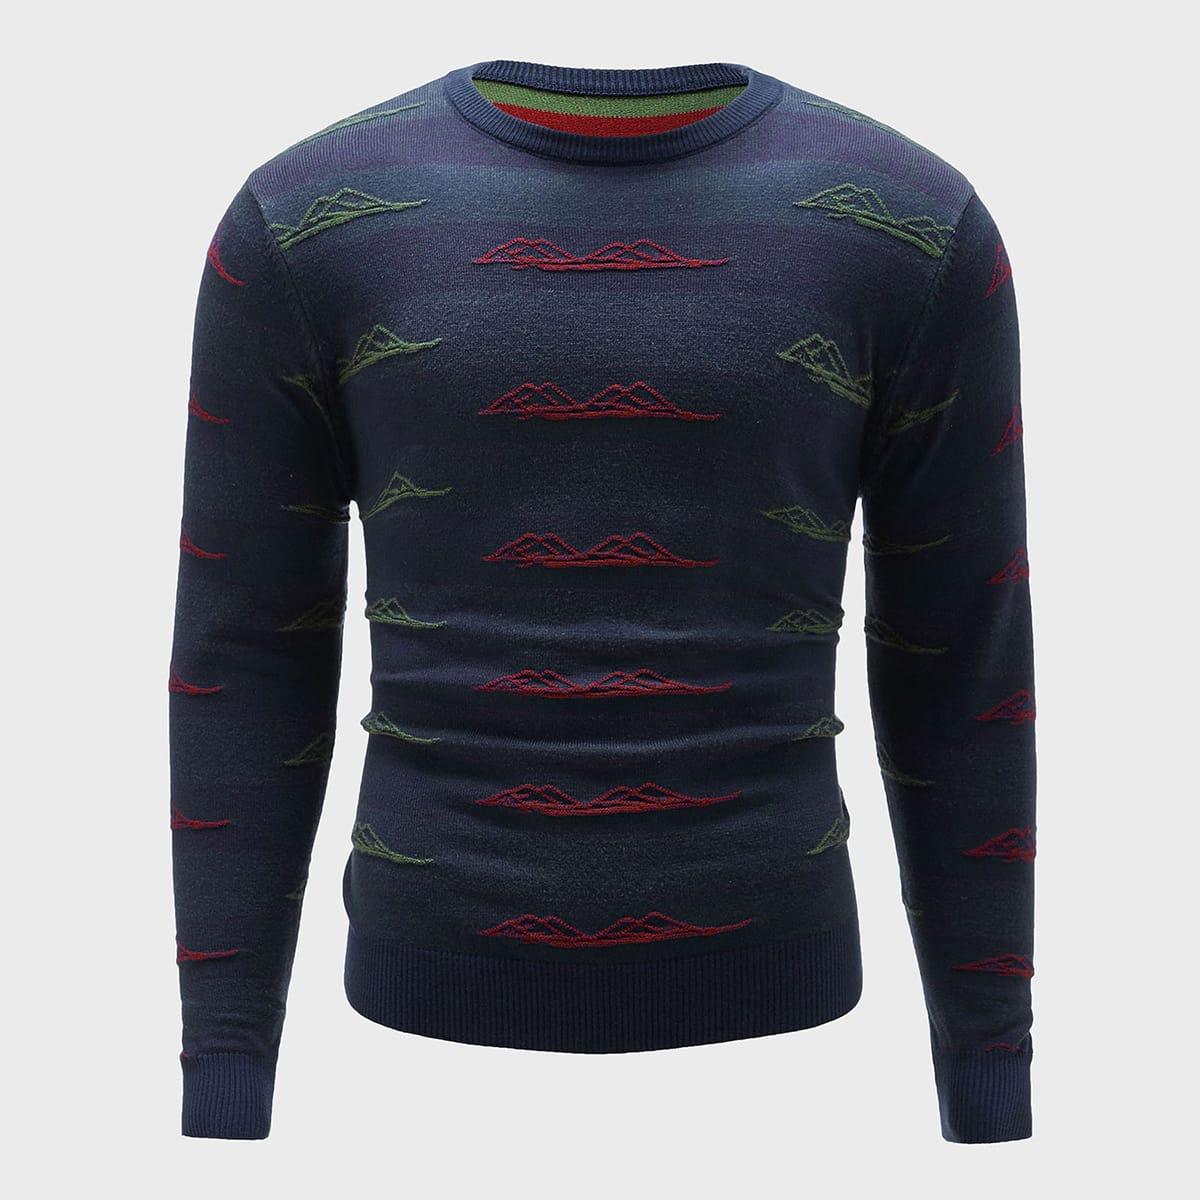 Мужской свитер с графической вышивкой